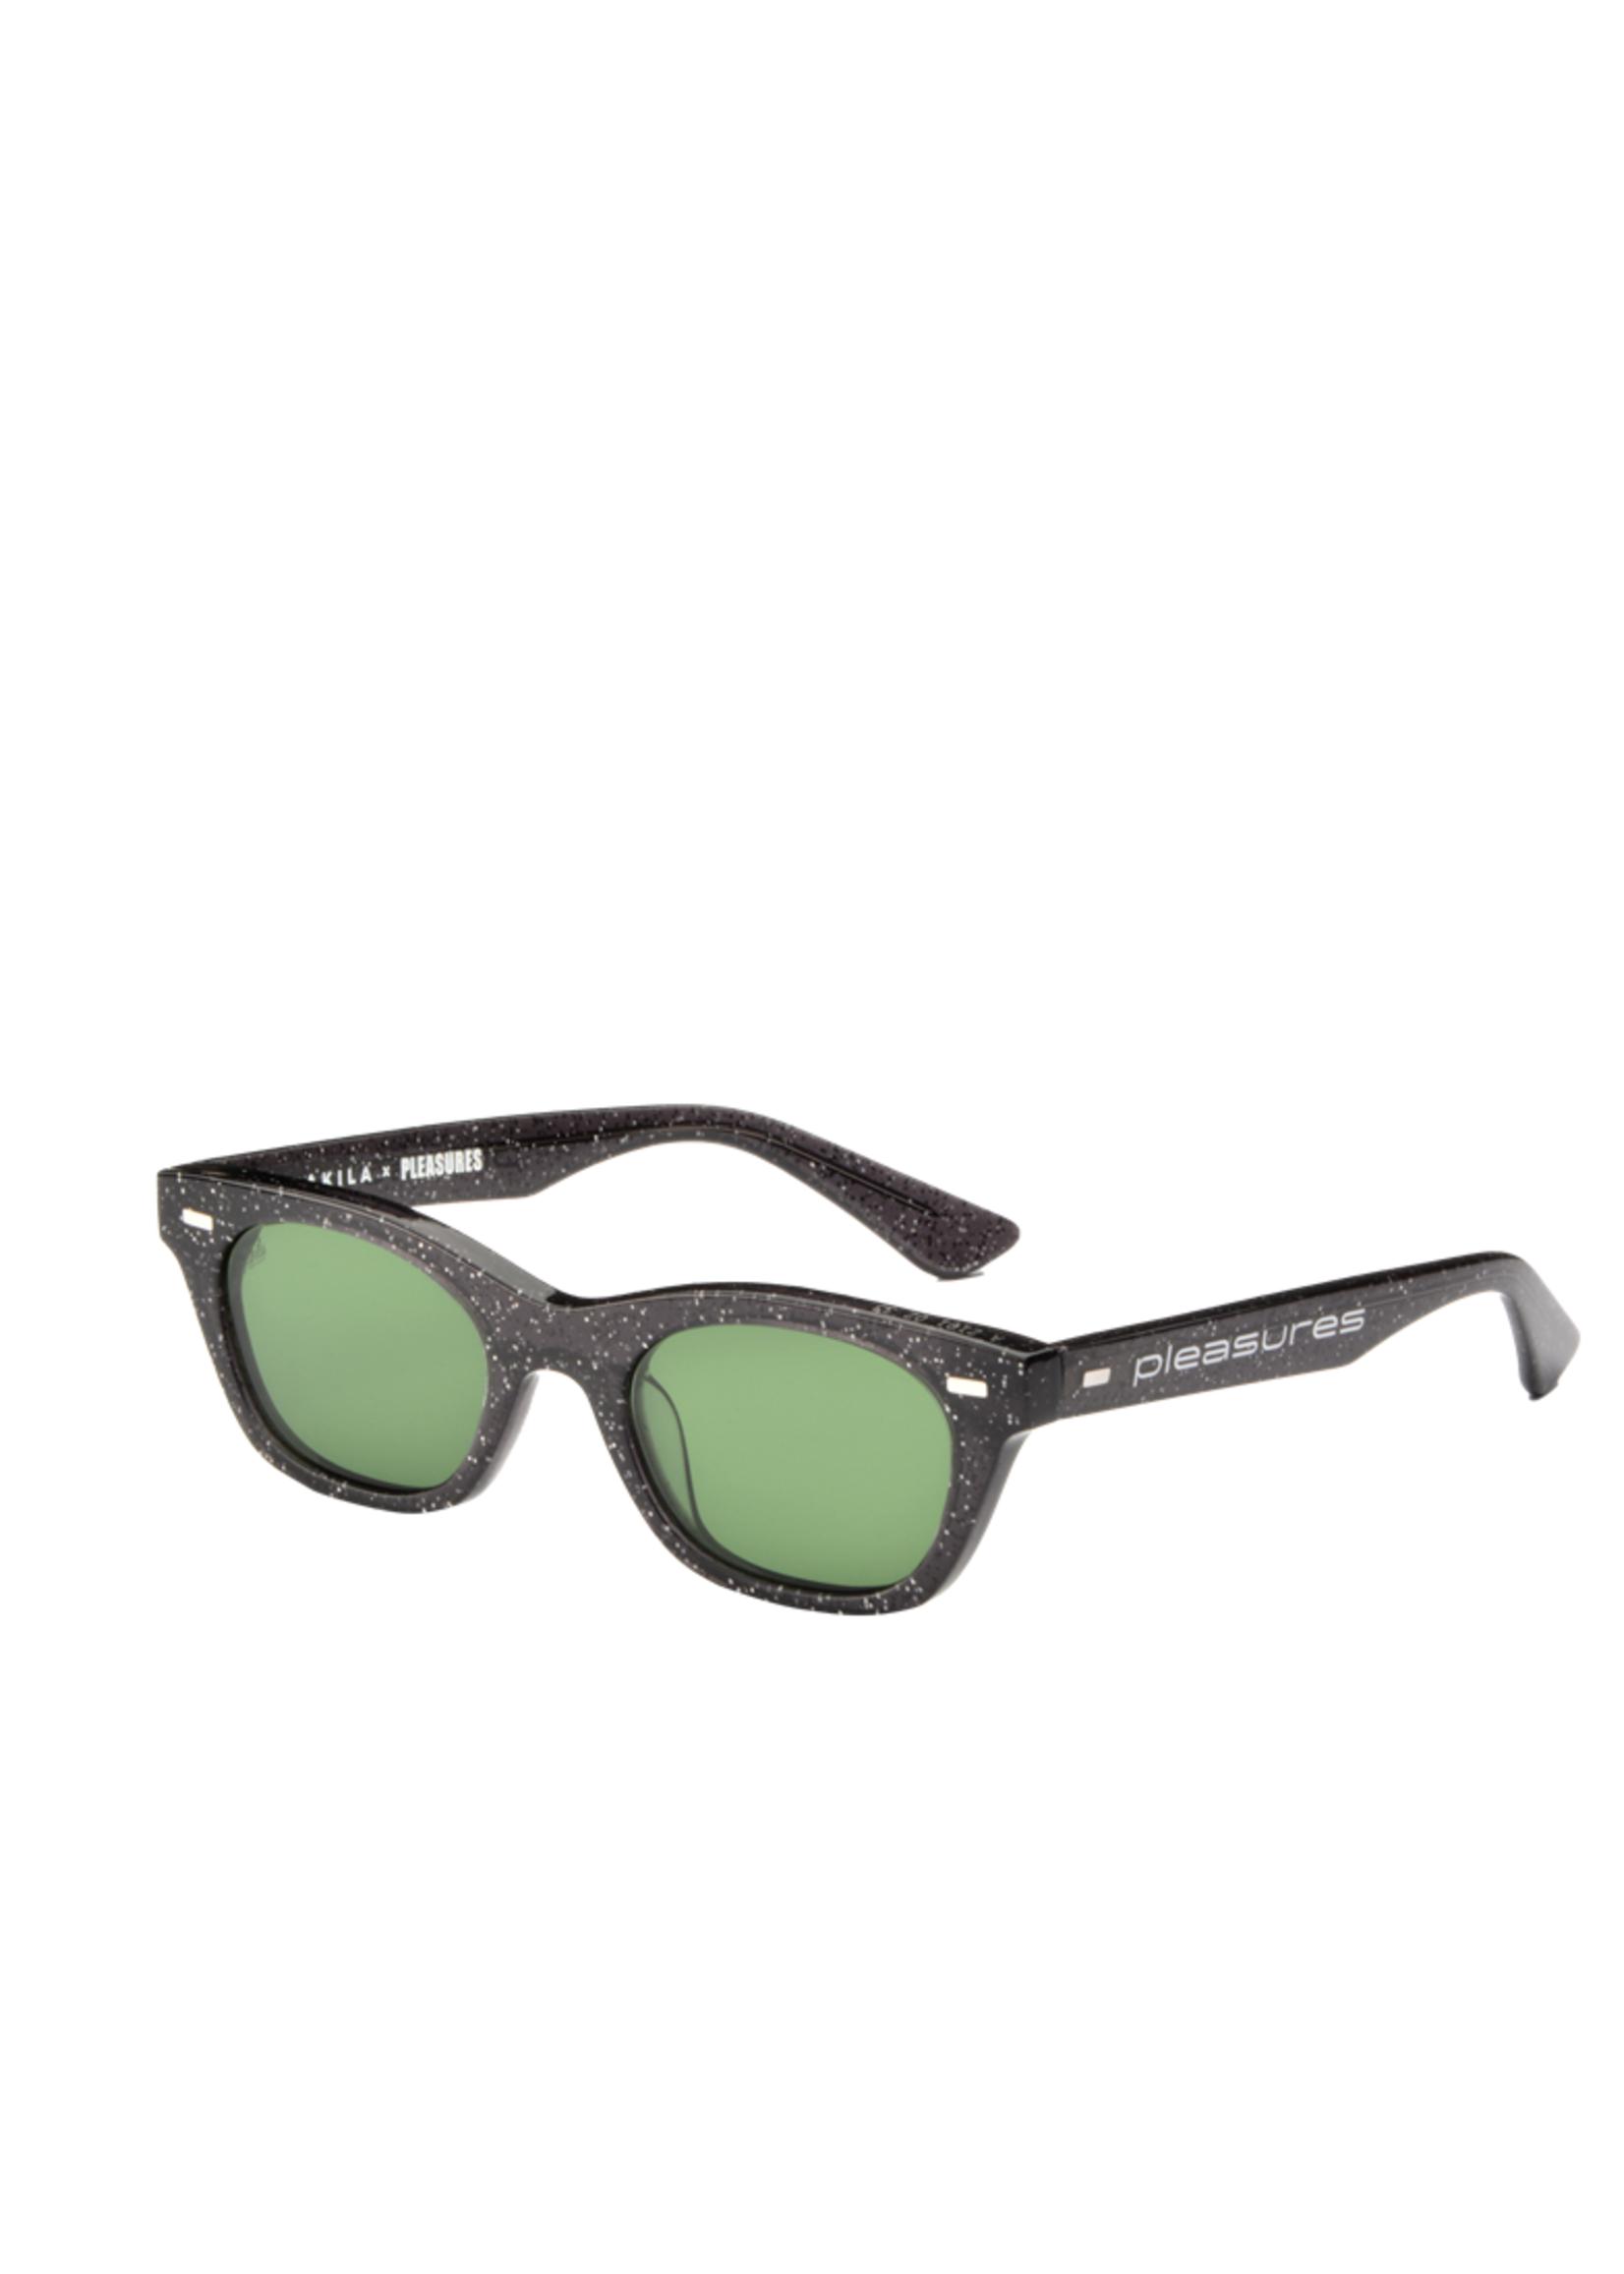 PLEASURES AKILA X PLEASURES Method Sunglasses in Black Sparkle